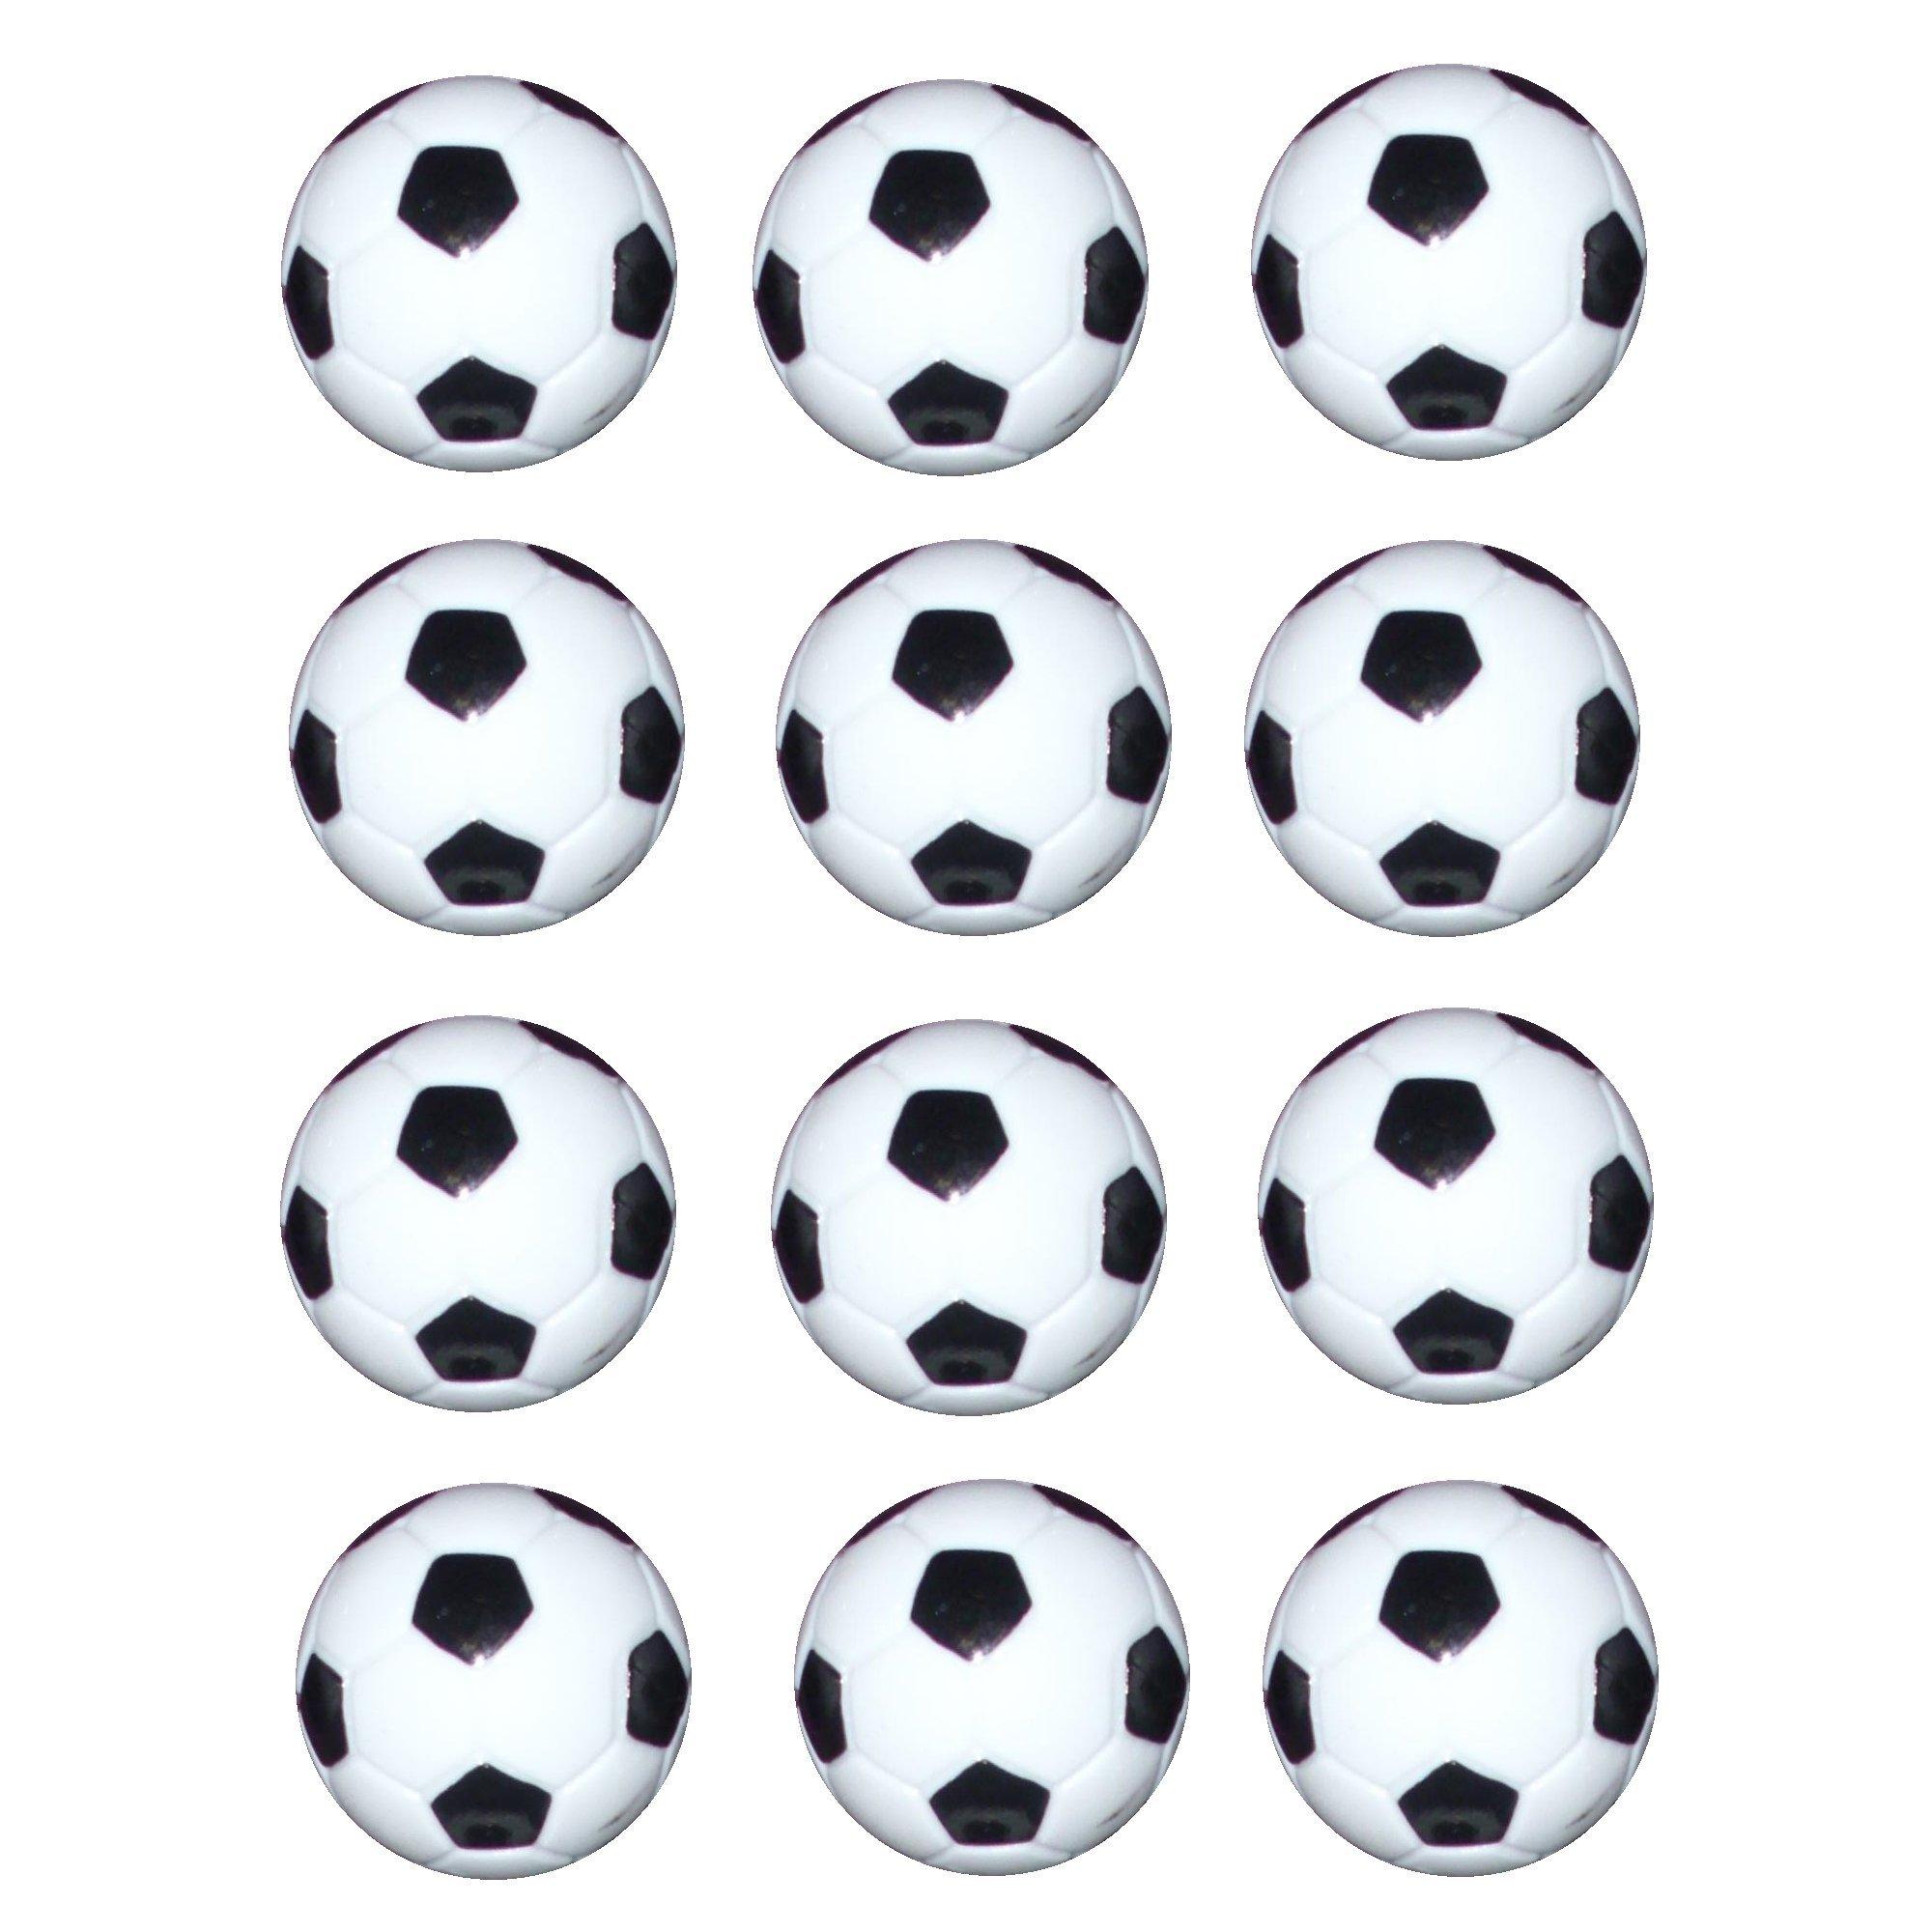 Vebere 12 pcs 32mm Small Plastic Soccer Black / White Table Foosball Ball